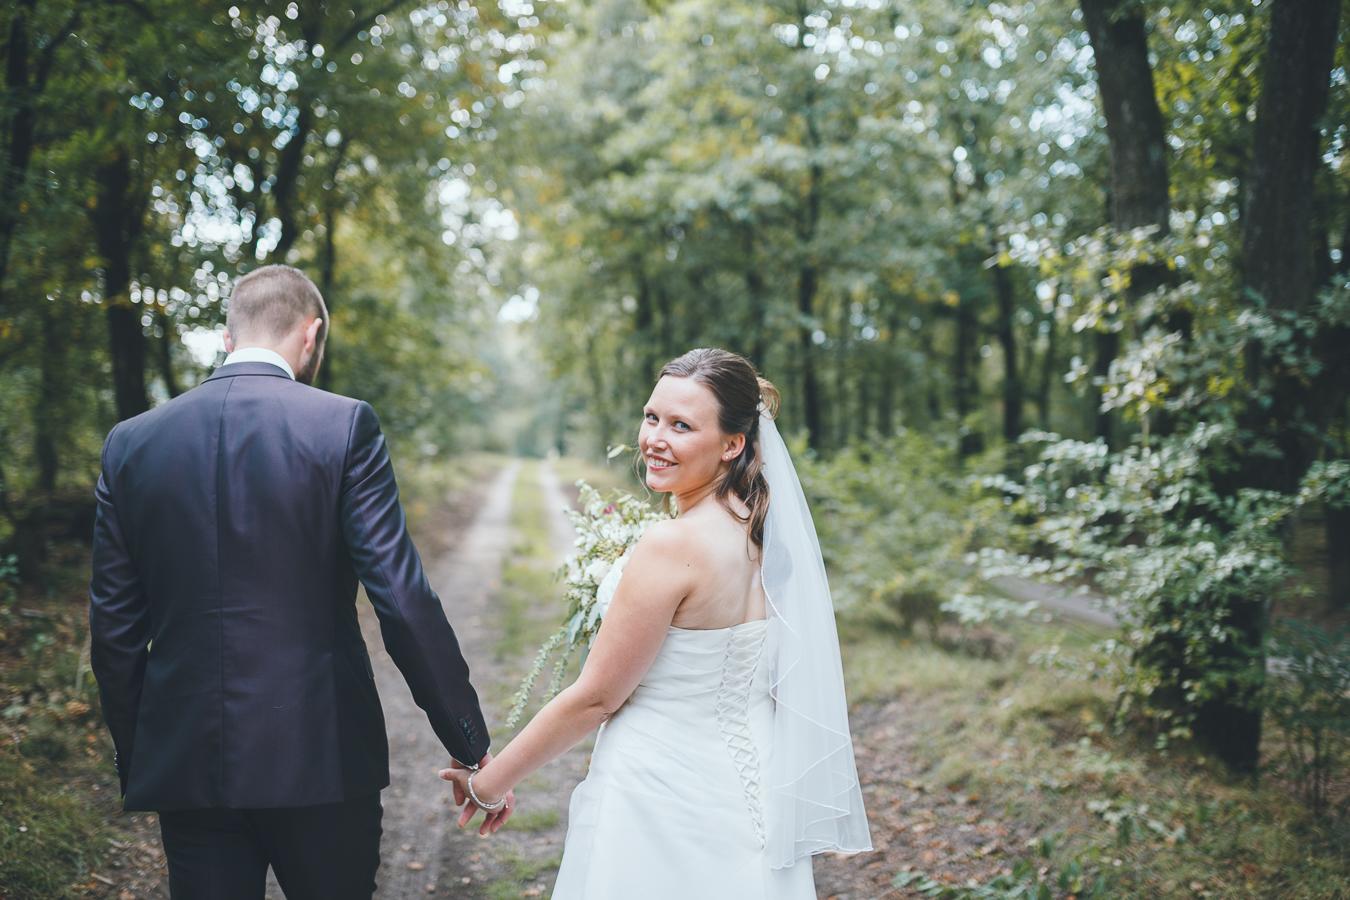 Trouwfotograaf bruidspaar trouwfoto's in bos hand in hand bruid kijkt over haar schouder